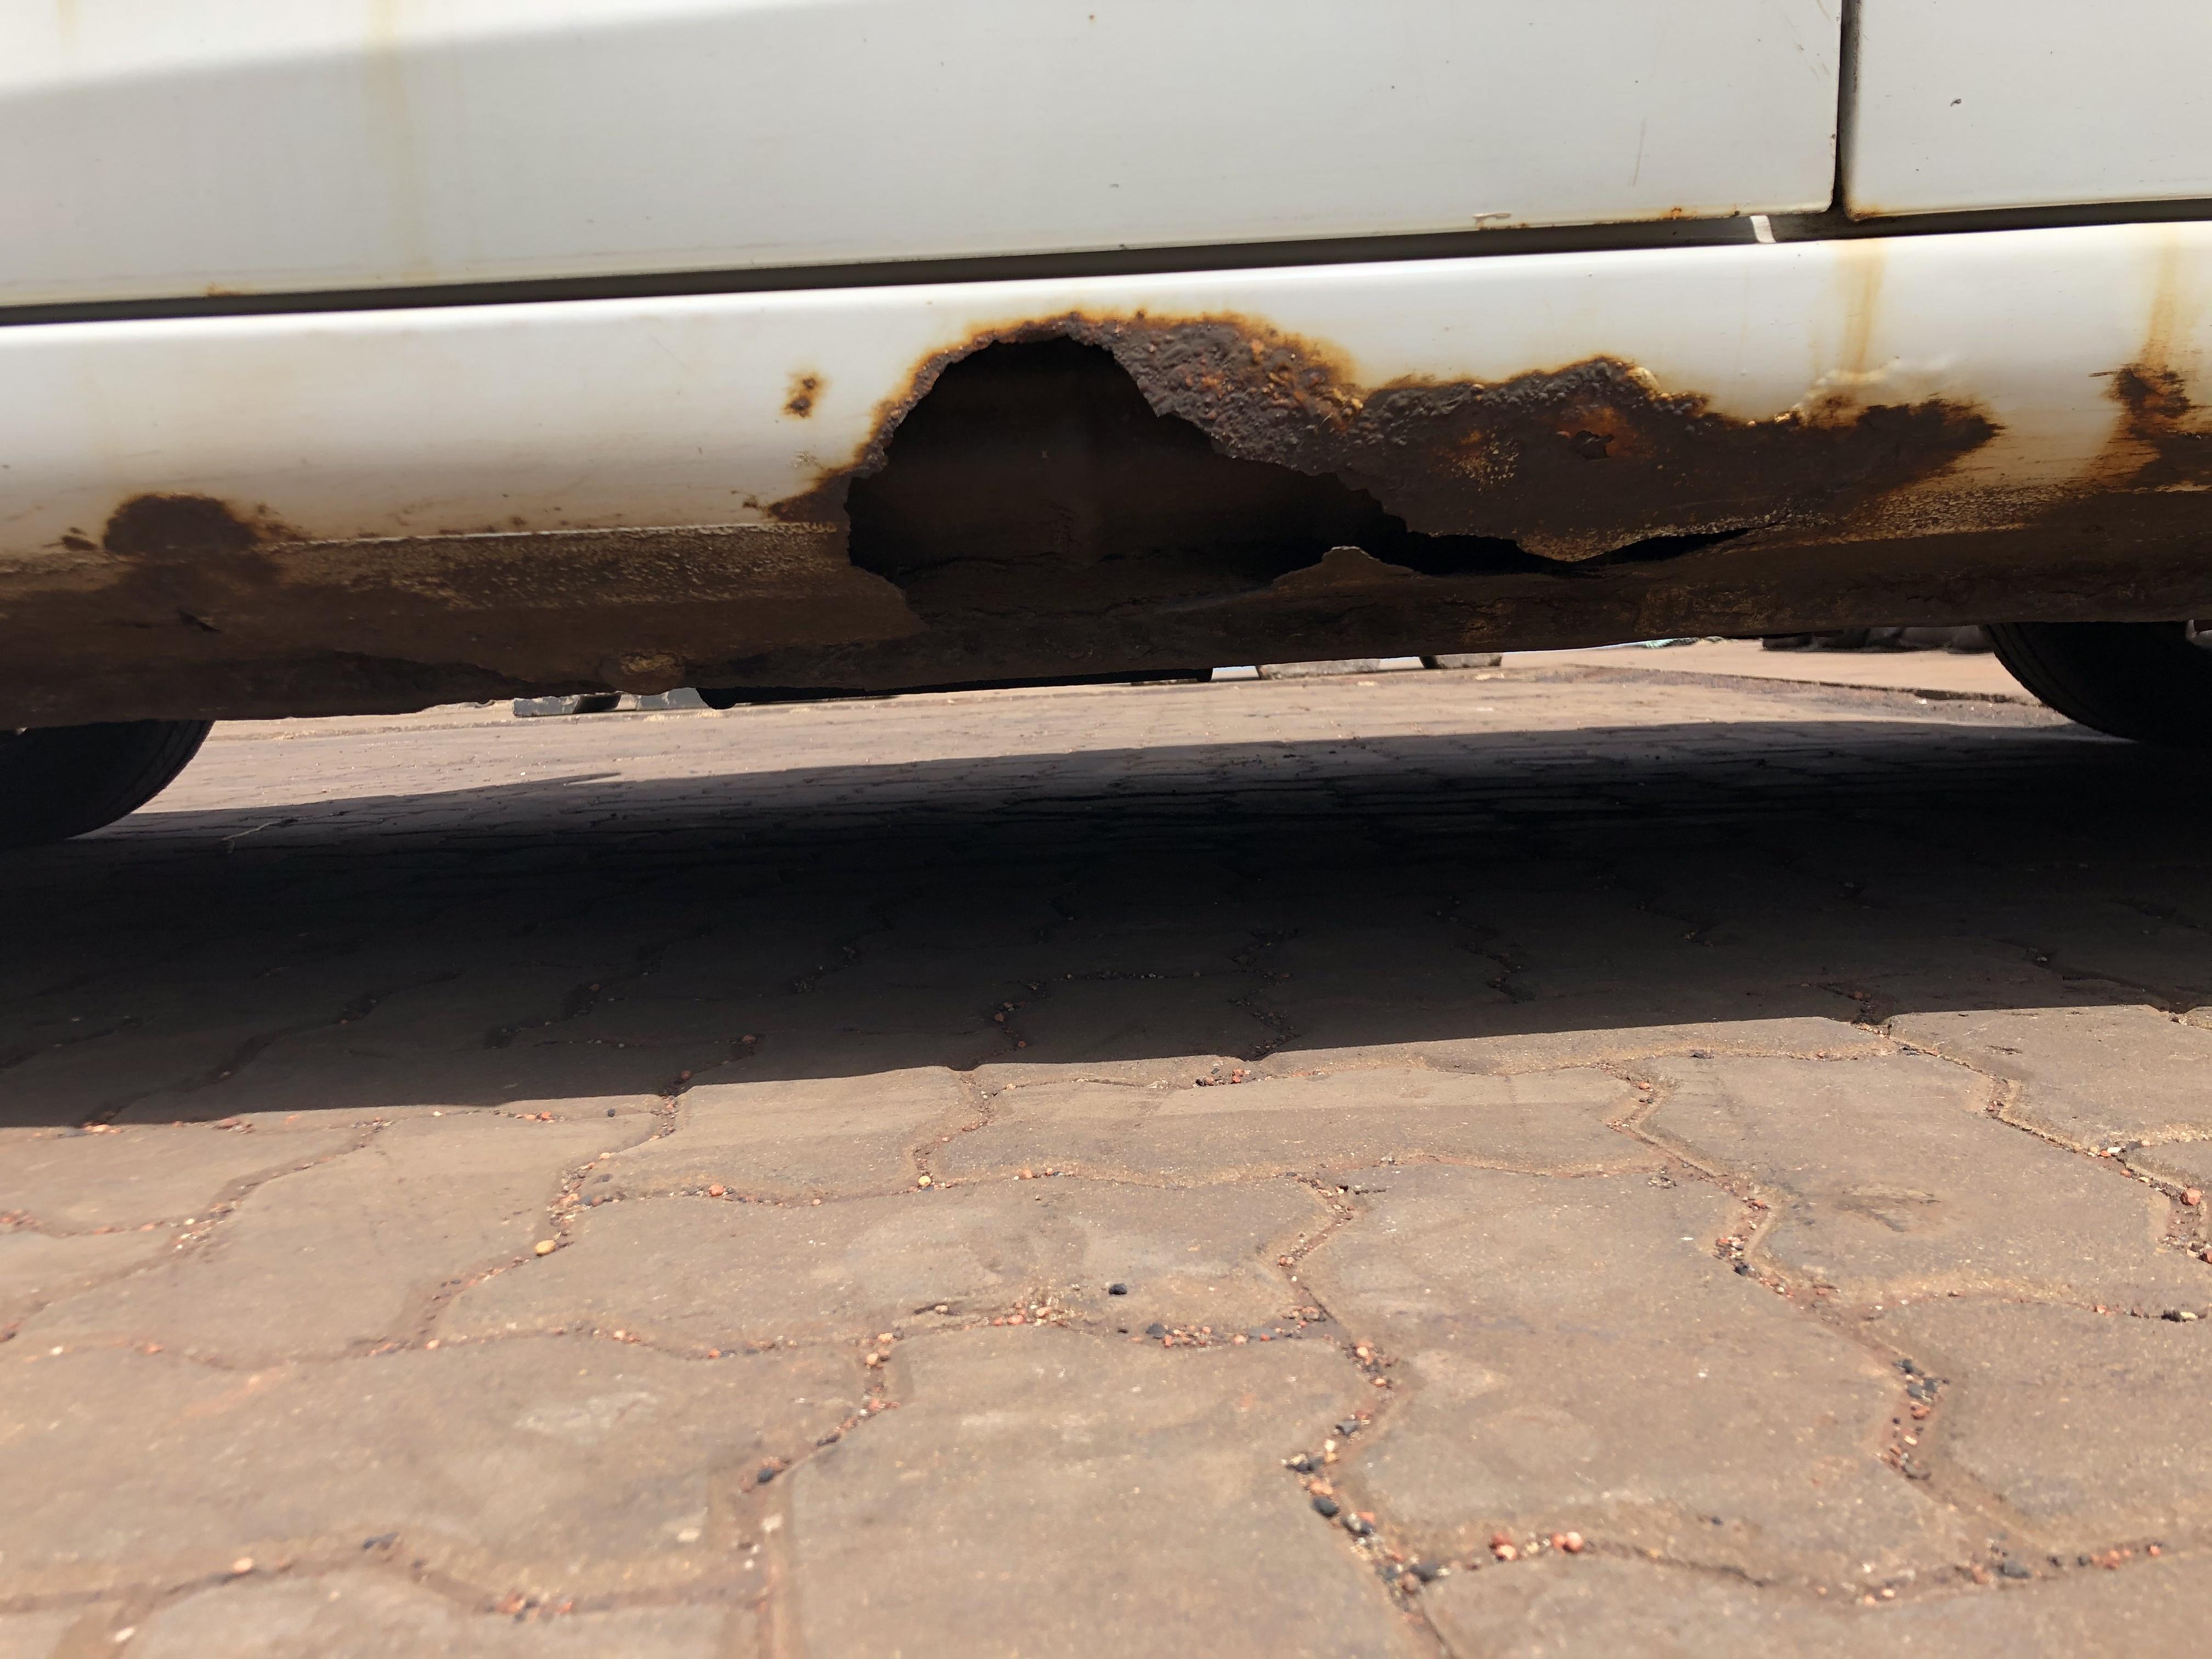 海马-海马M3 各个地方严重腐蚀。